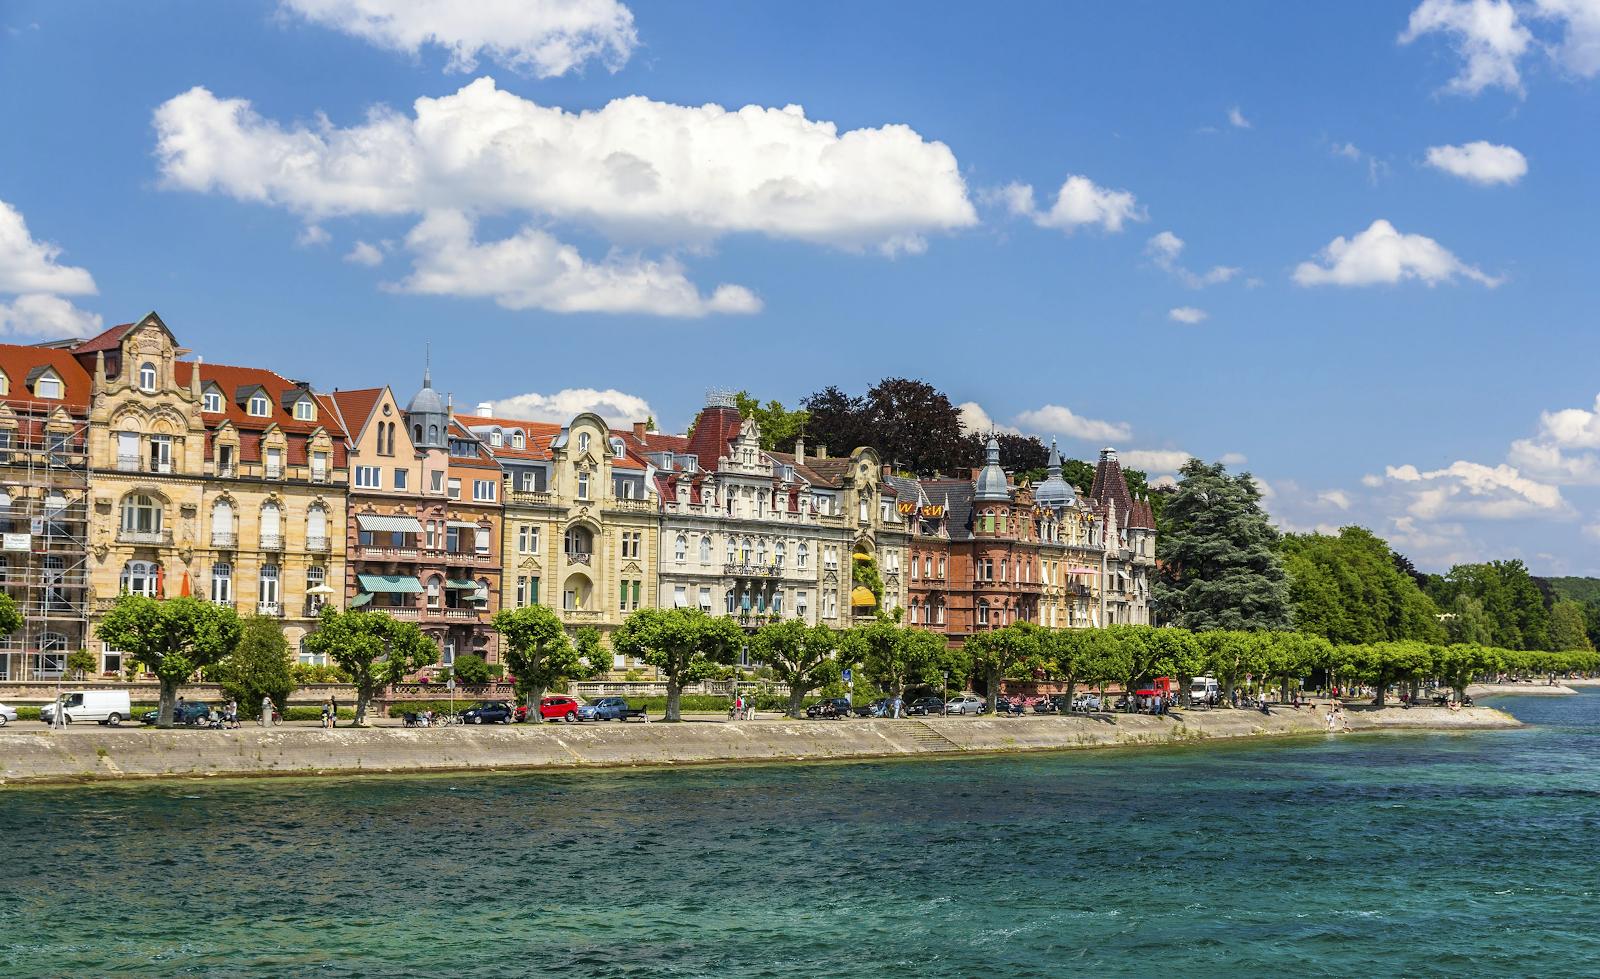 Konstanz city's view